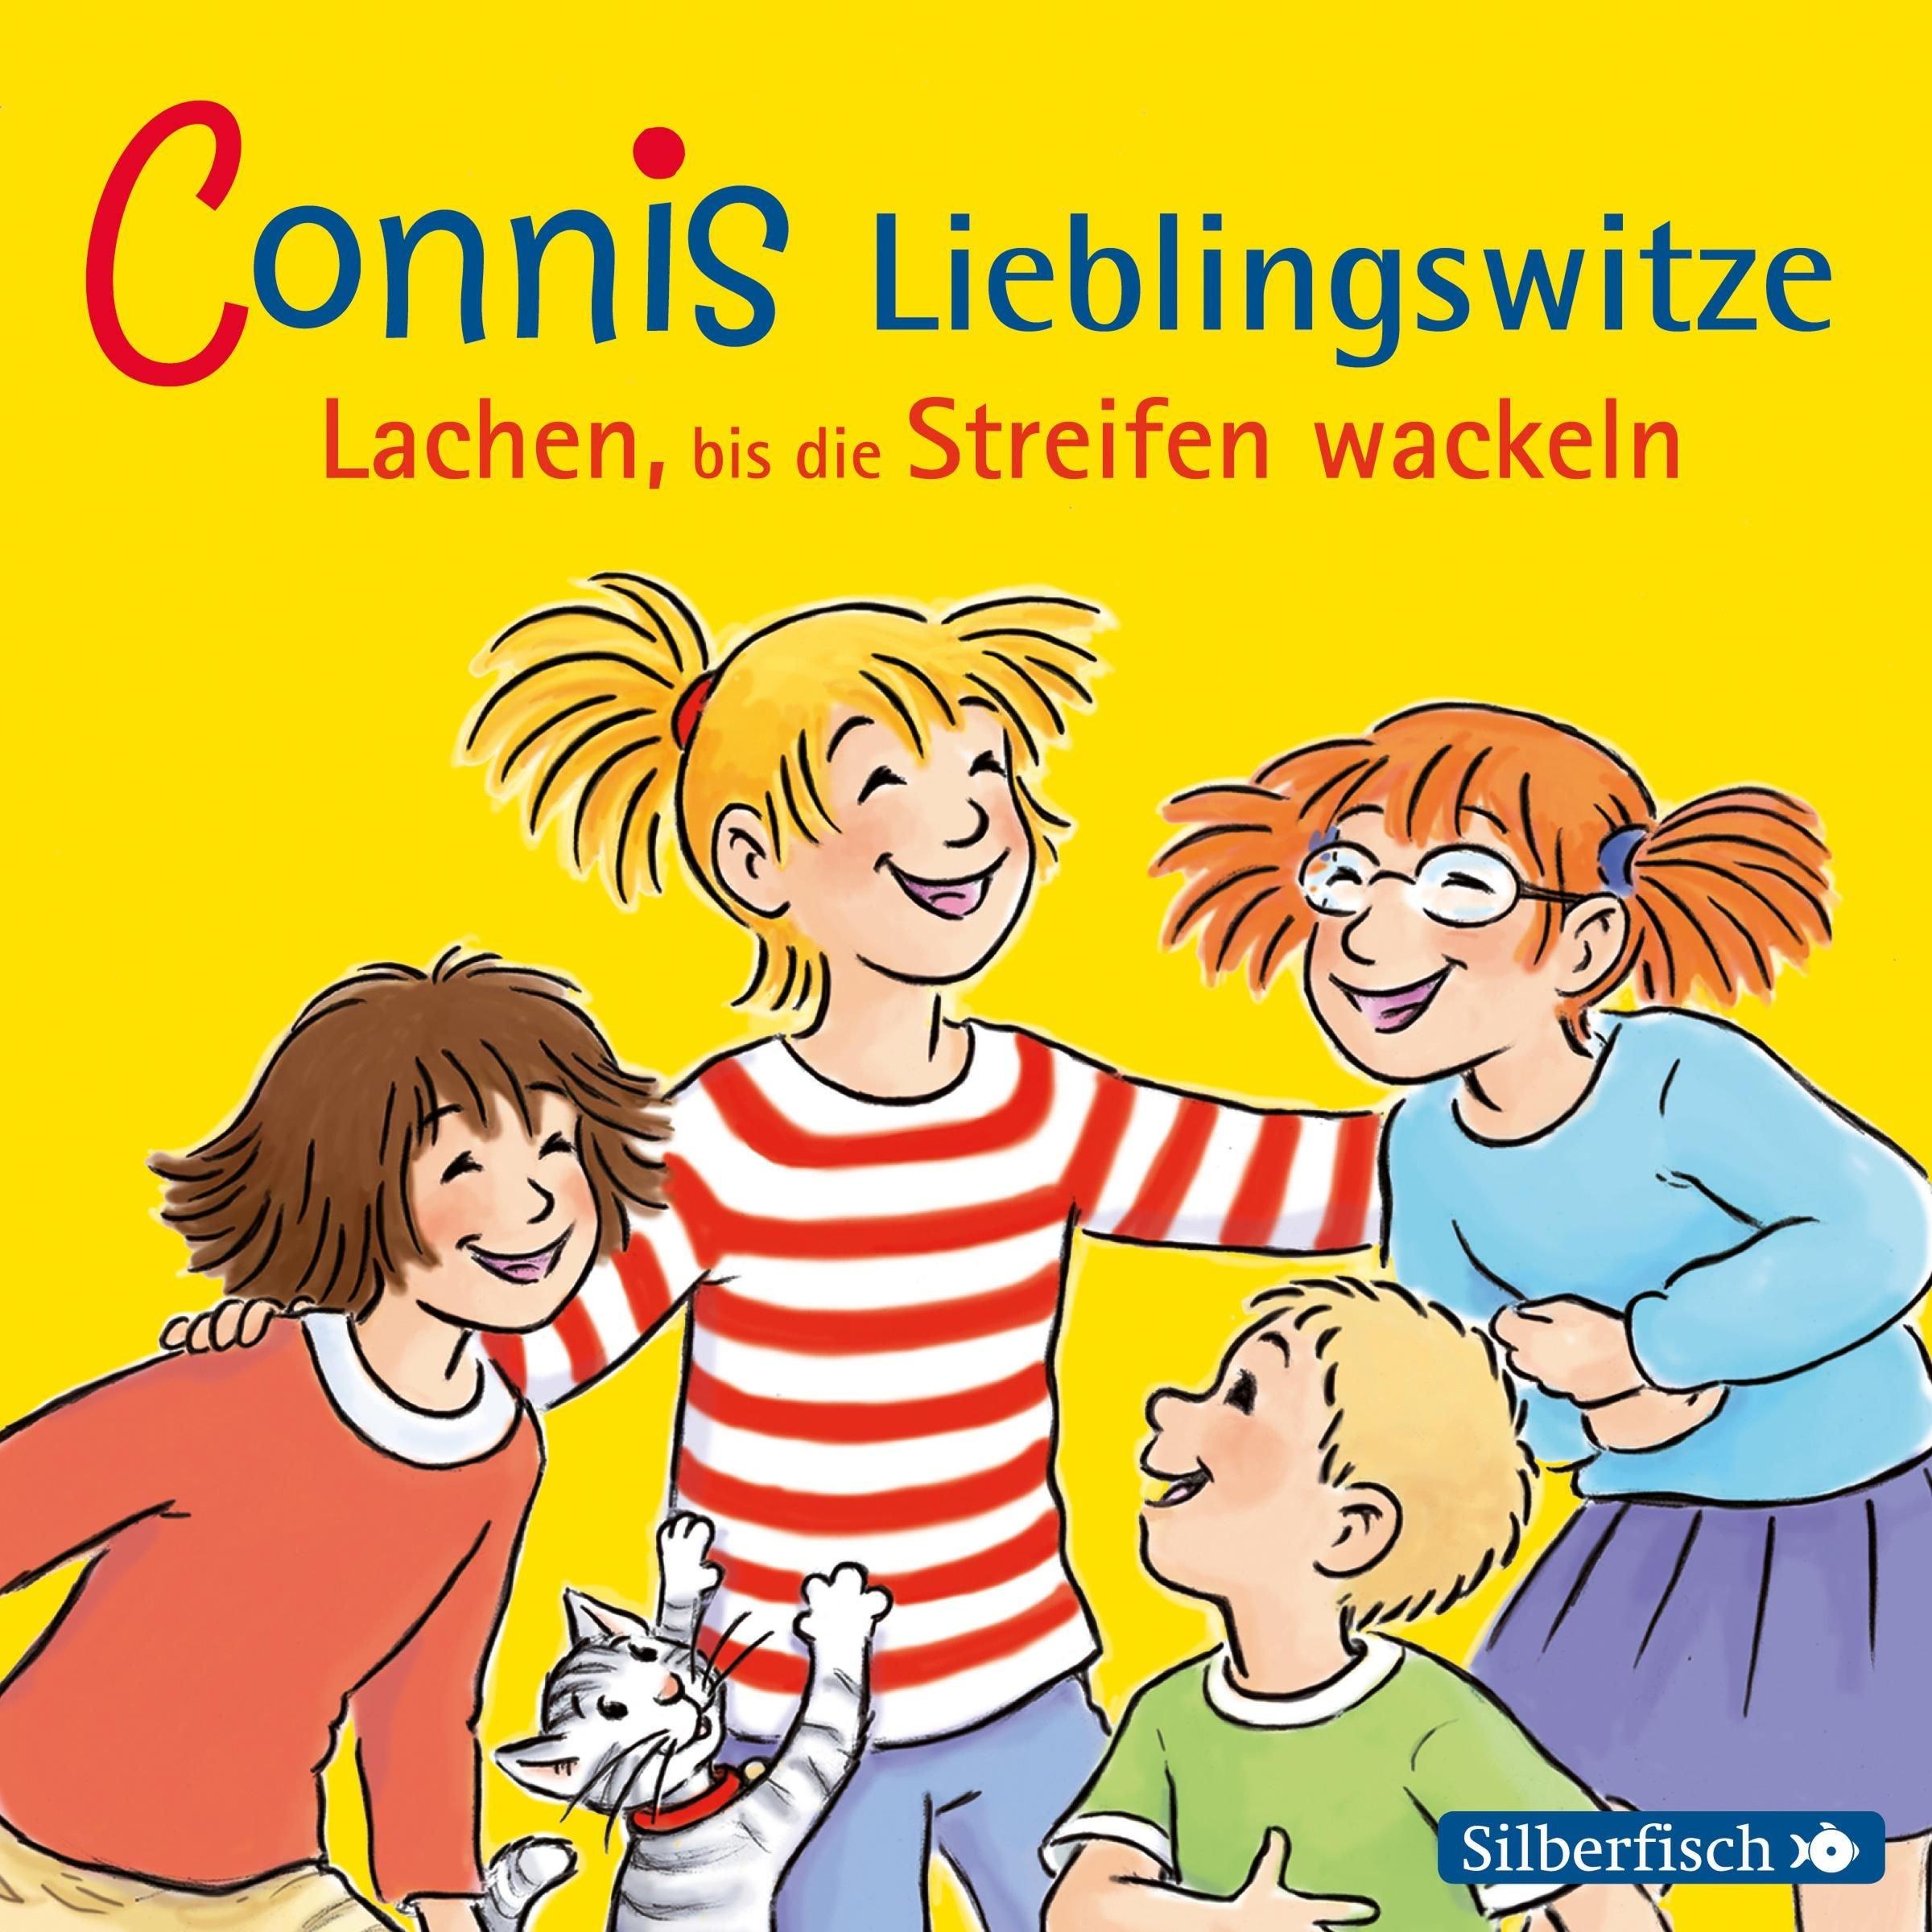 Connis Lieblingswitze: Lachen, bis die Streifen wackeln: 1 CD